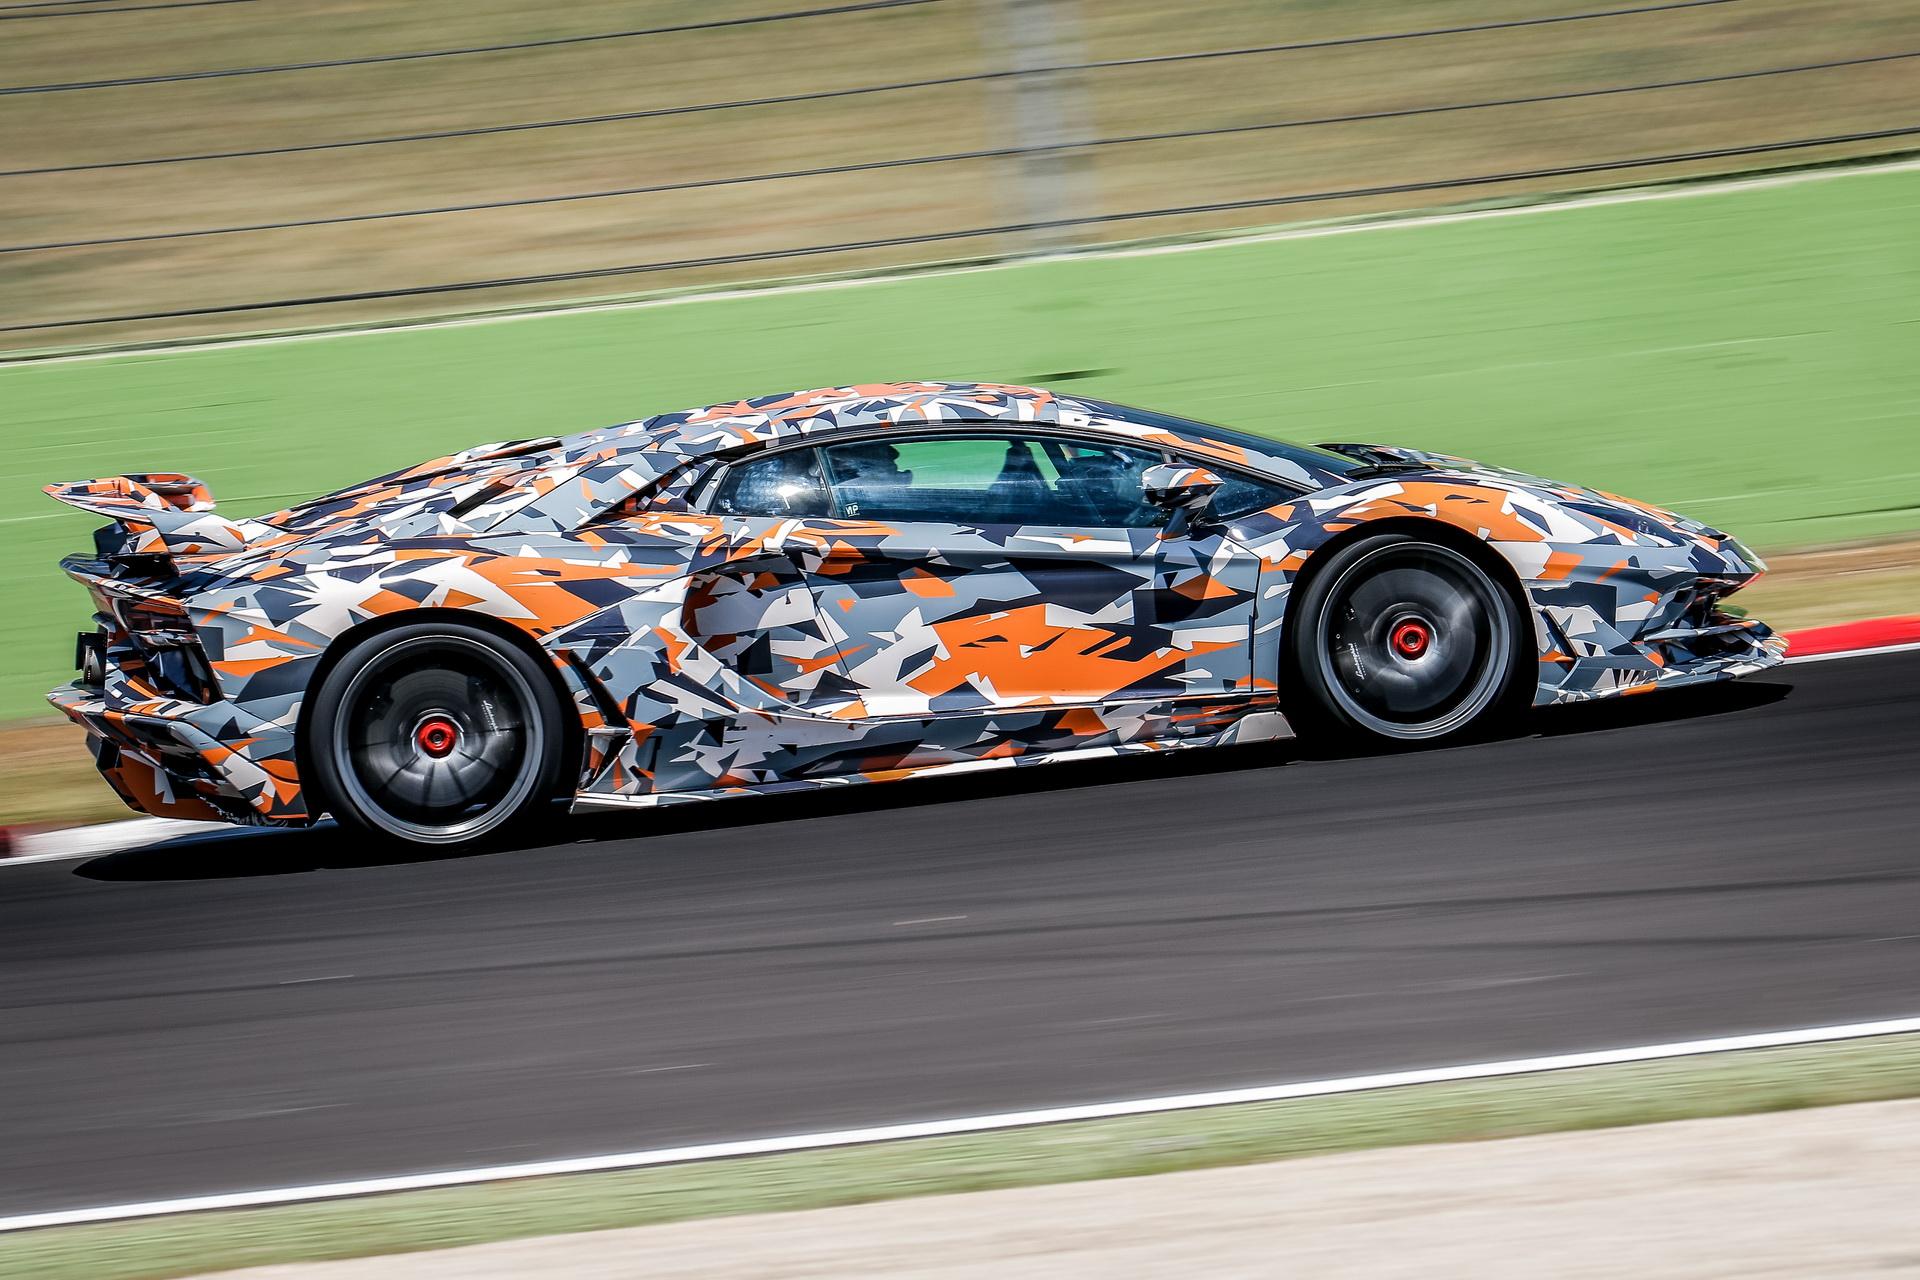 Lamborghini_Aventador_SVJ_0003